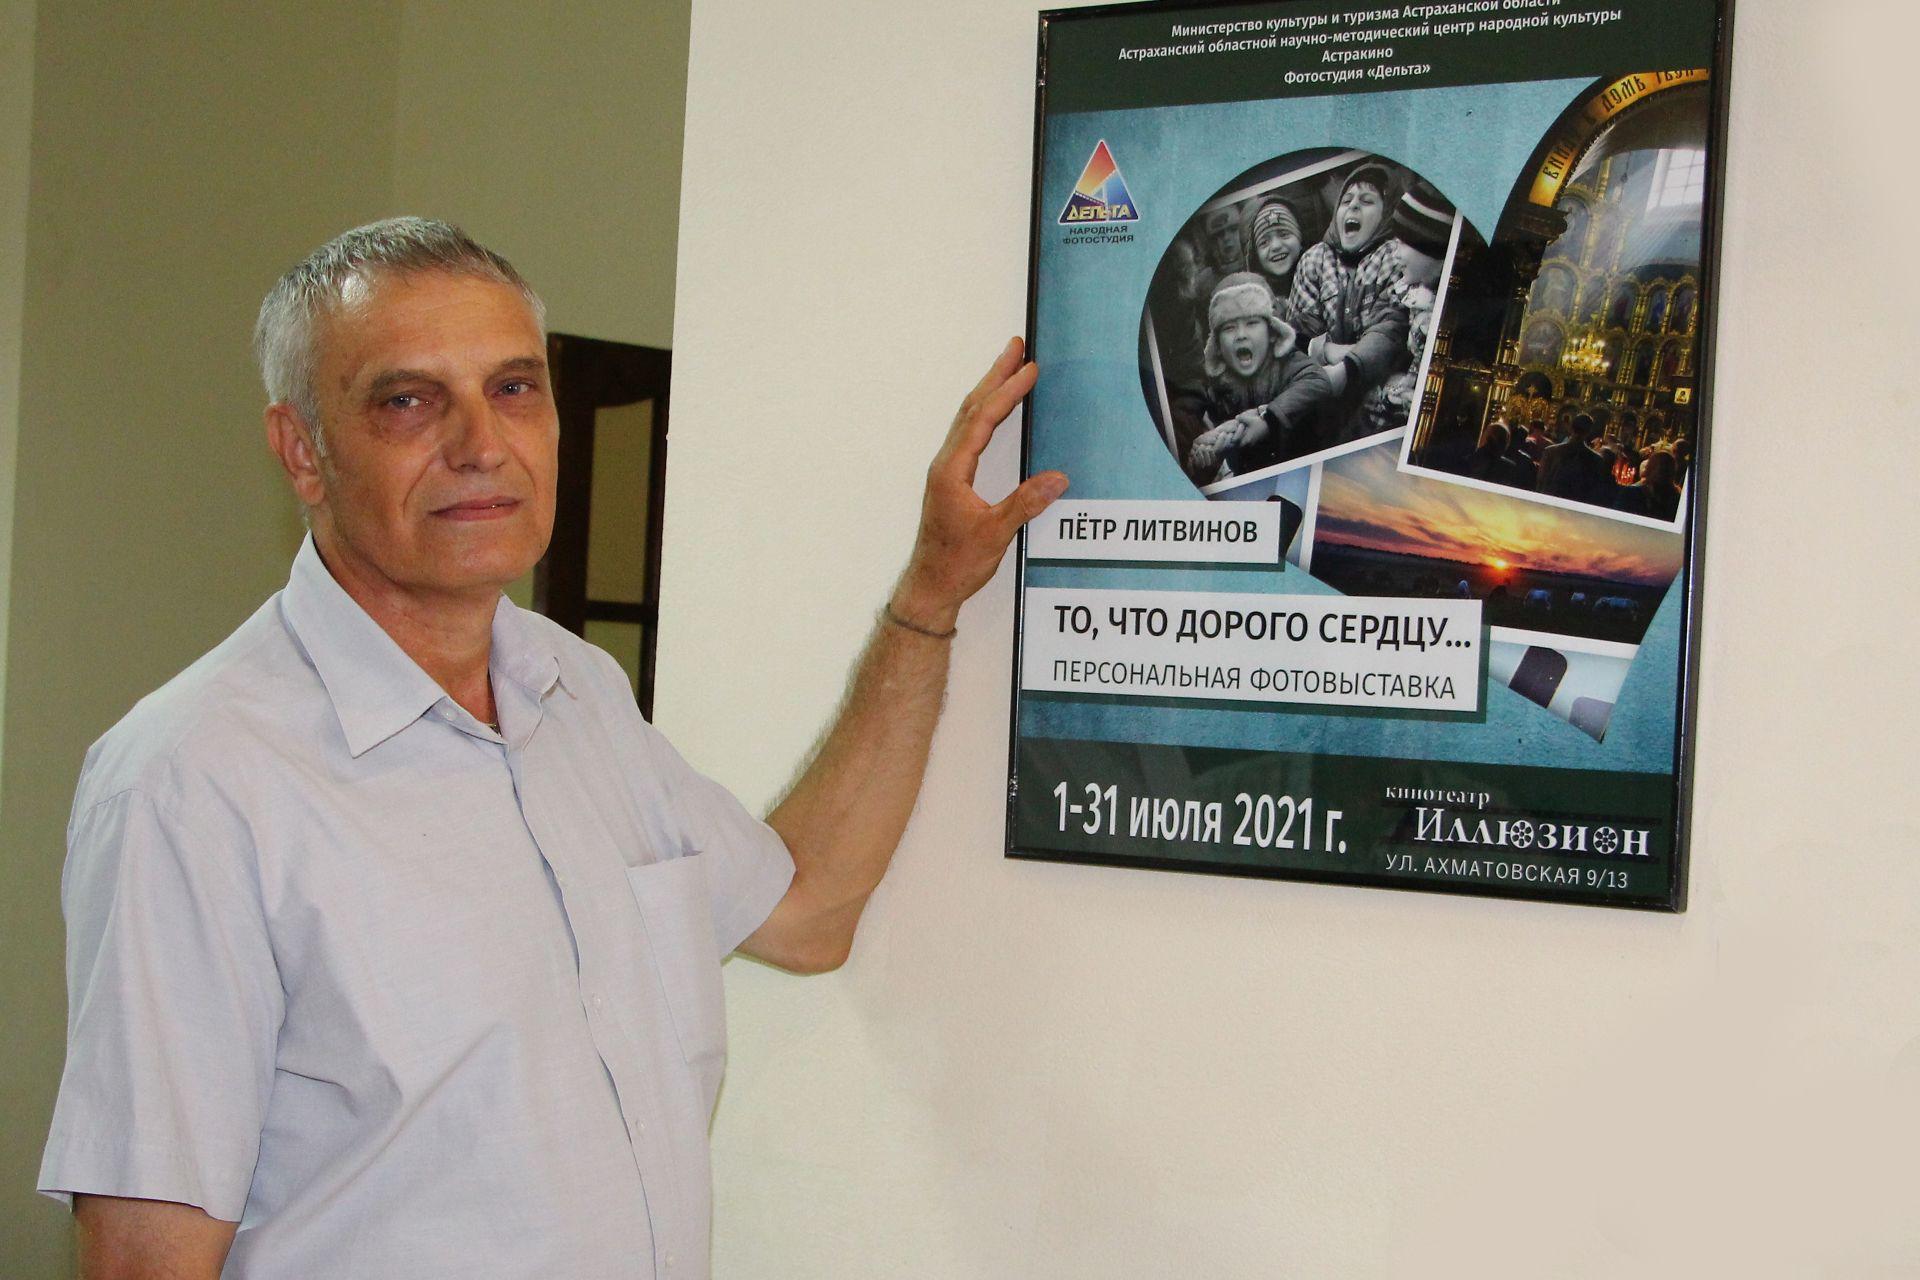 В Астрахани открылась фотовыставка Петра Литвинова